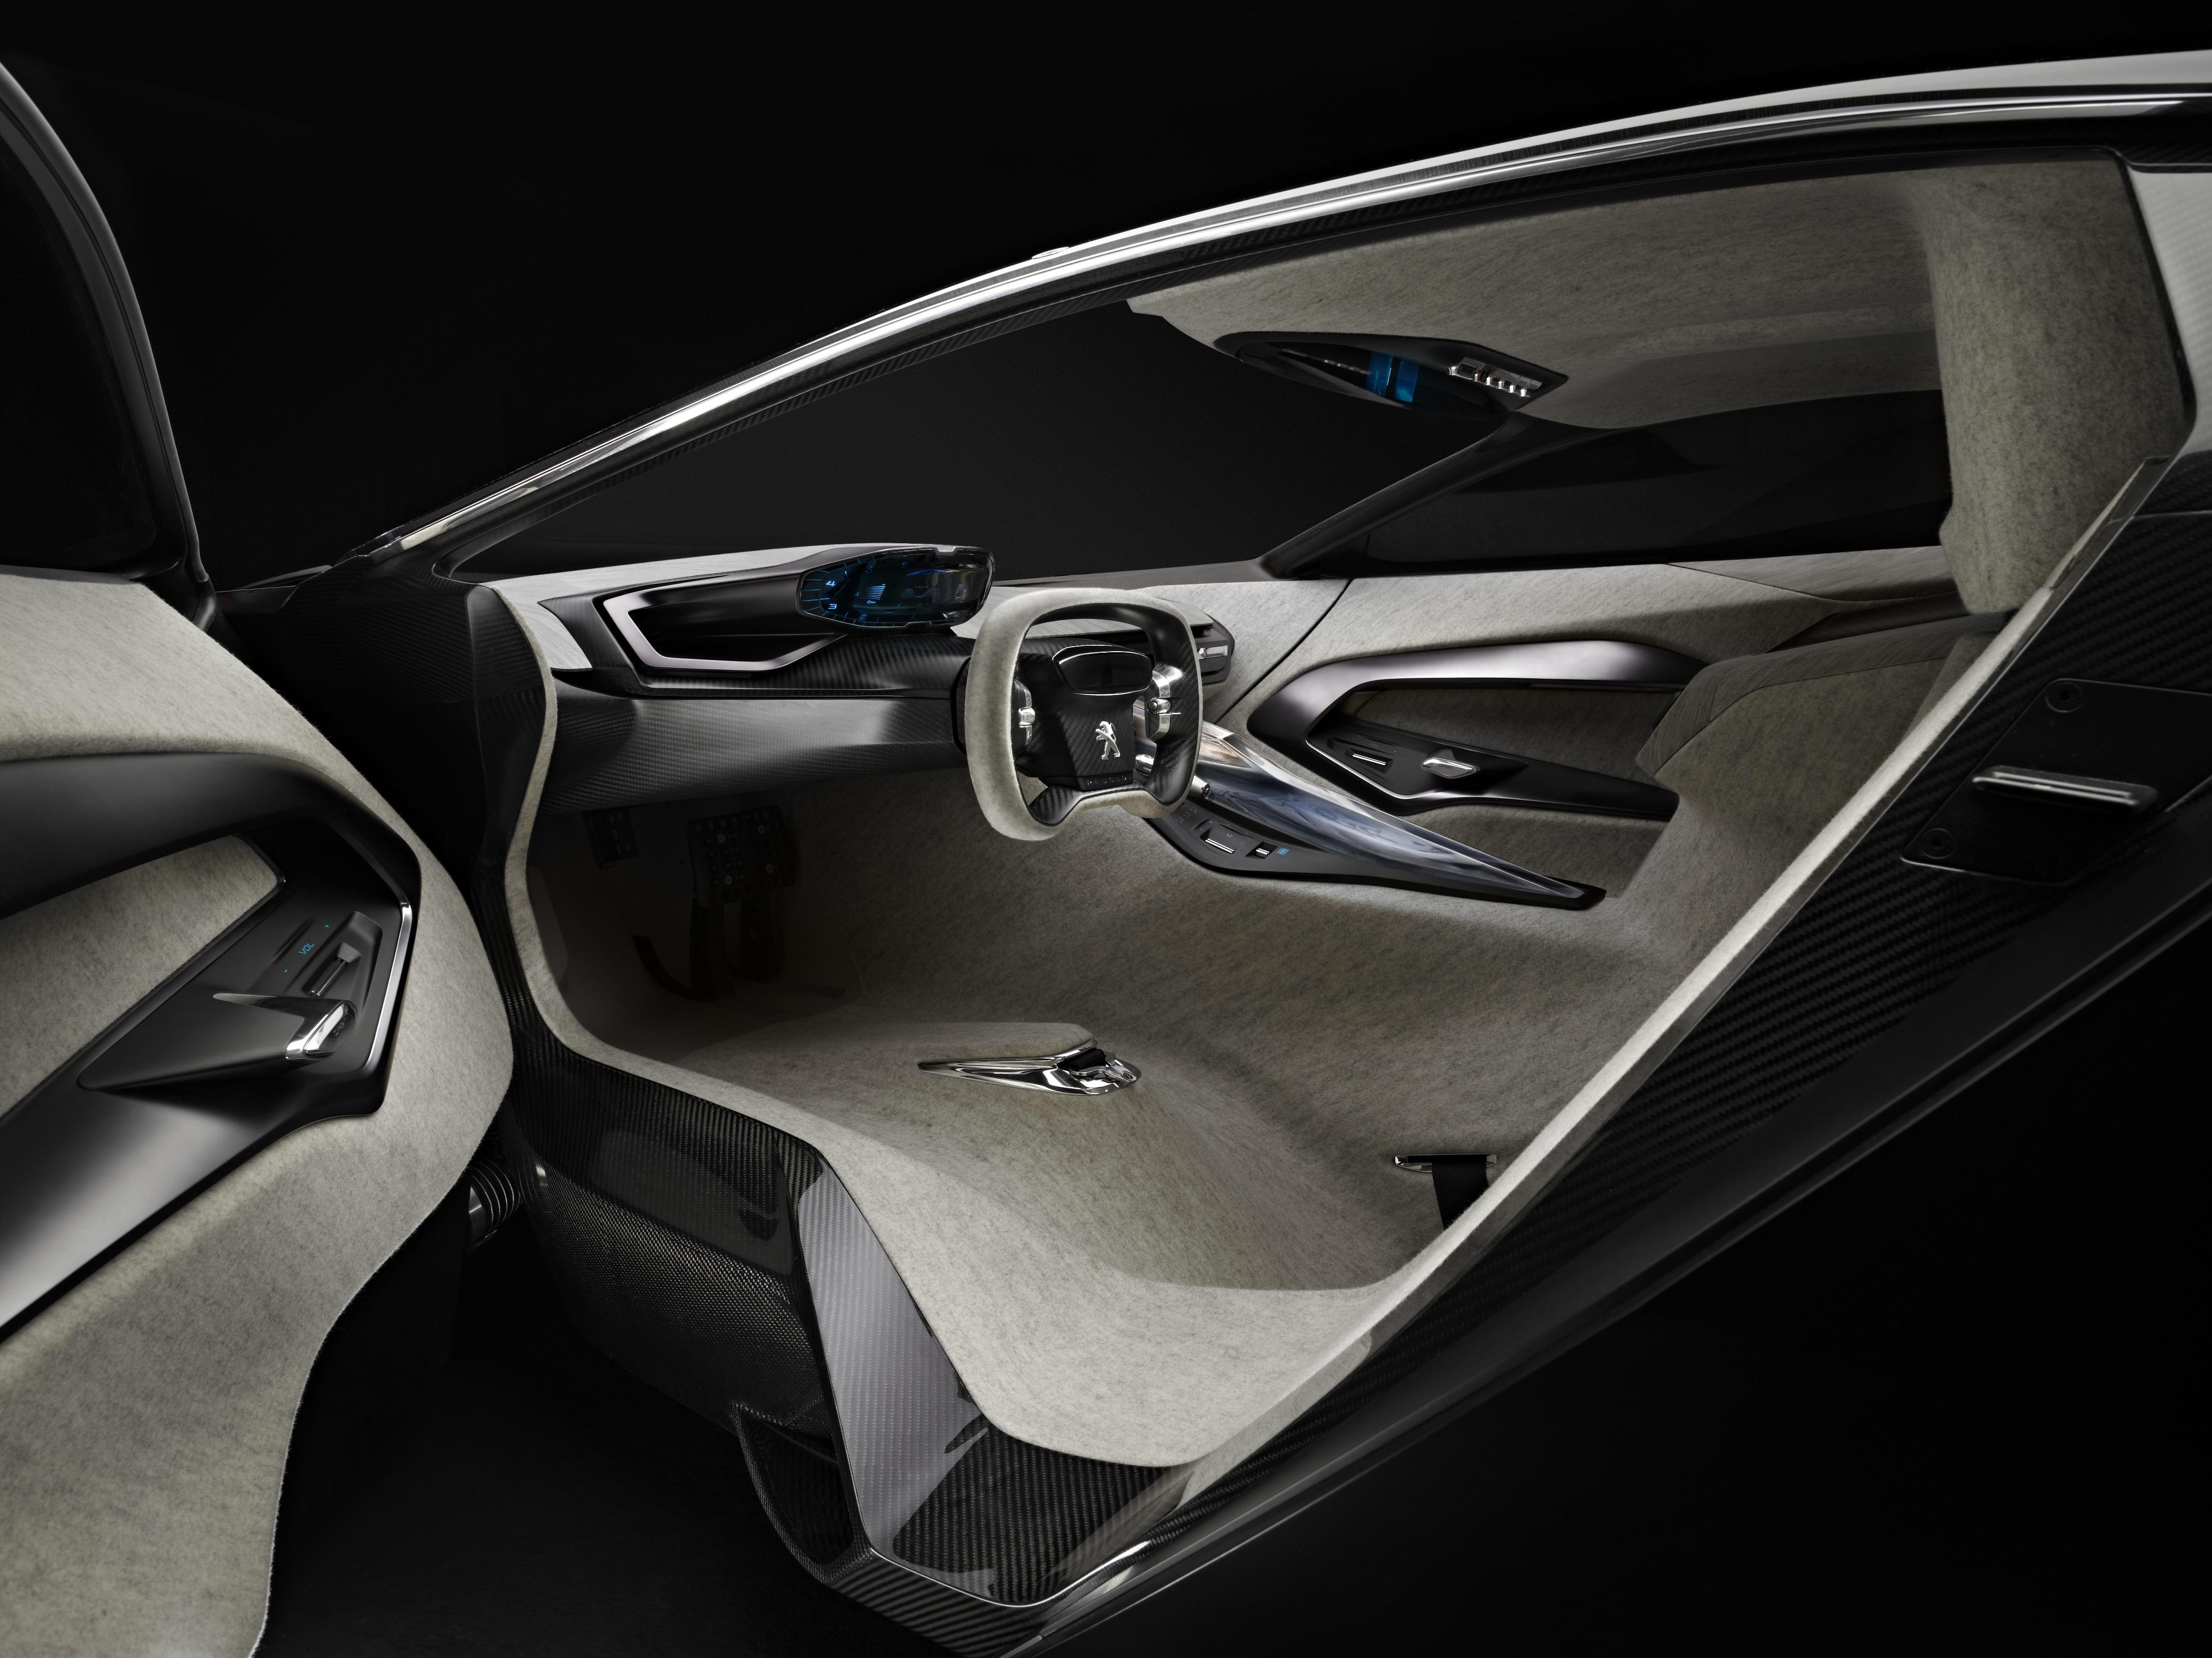 Peugeot Onyx Concept Supercars Supercar Interior Wallpaper